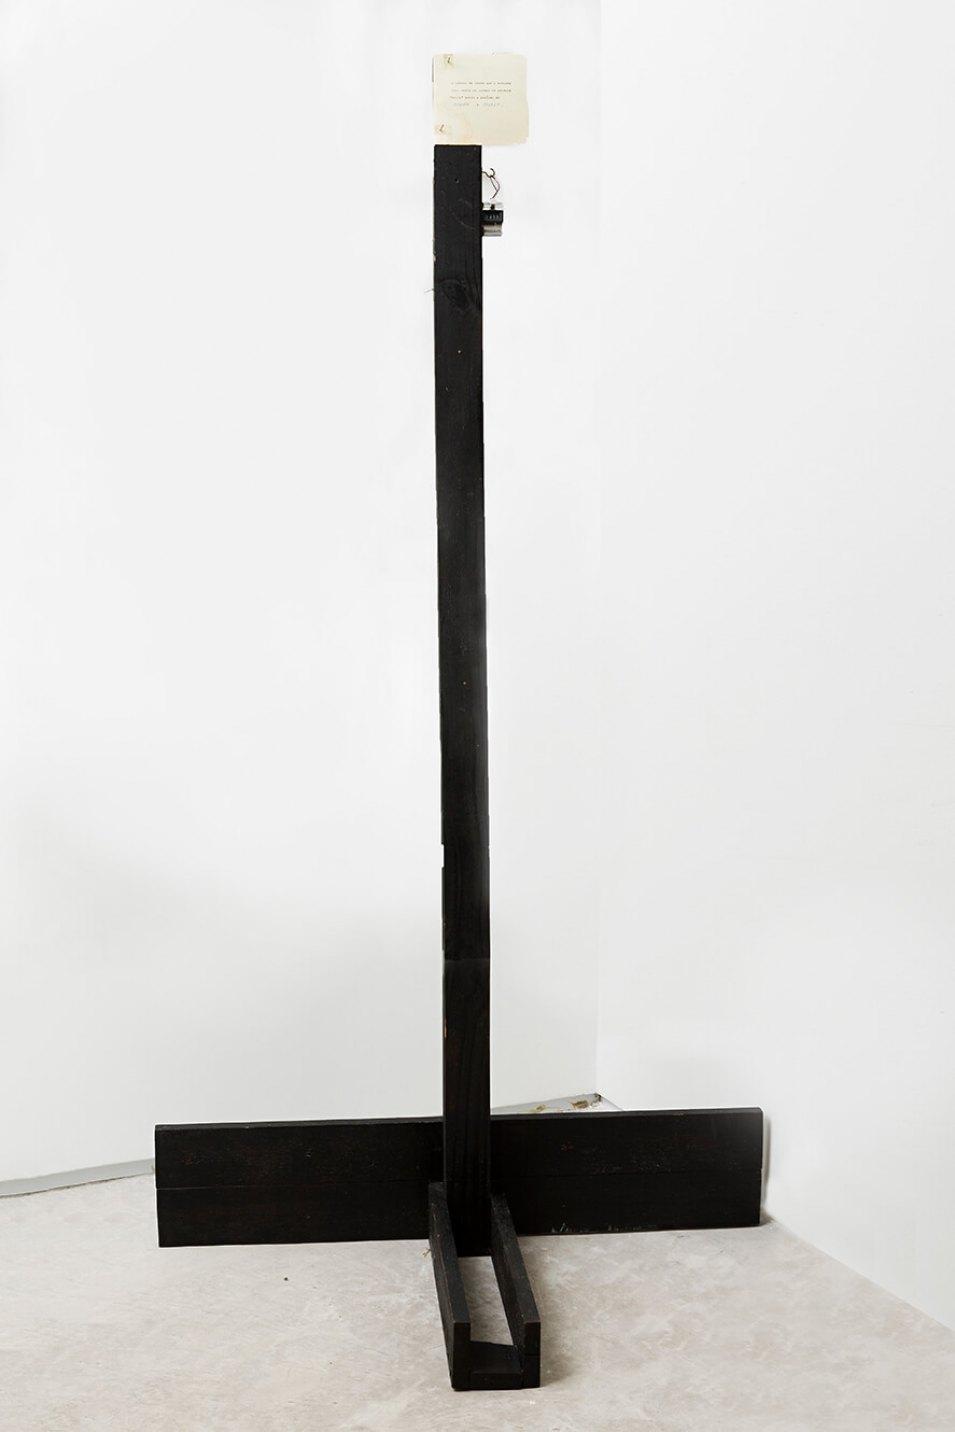 Deyson Gilbert,<em>o nº de vezes que o artista leu, ouviu ou pensou na palavra morte entre o perído de 29/09/14 e 29/11/14</em>,2014,wood, paper and timer, 166,5 ×90 × 47 cm - Mendes Wood DM